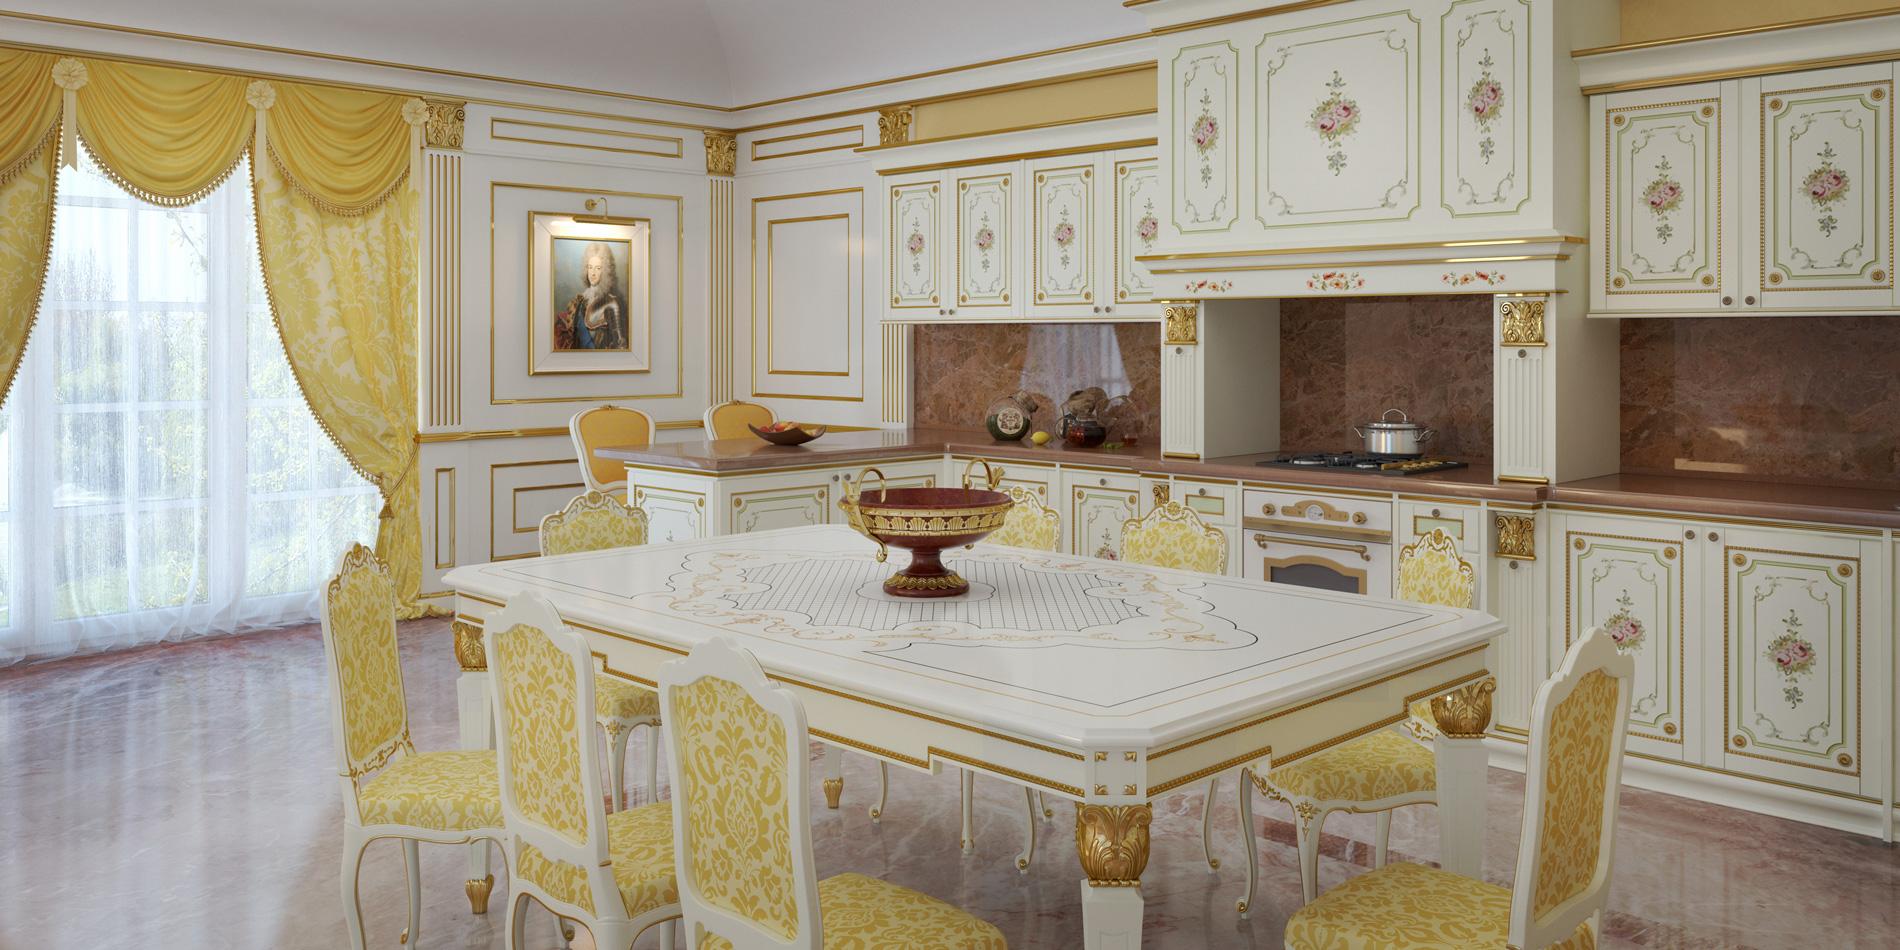 Cucine di lusso lo stile classico protagonista ai fornelli - Cucine di lusso italiane ...